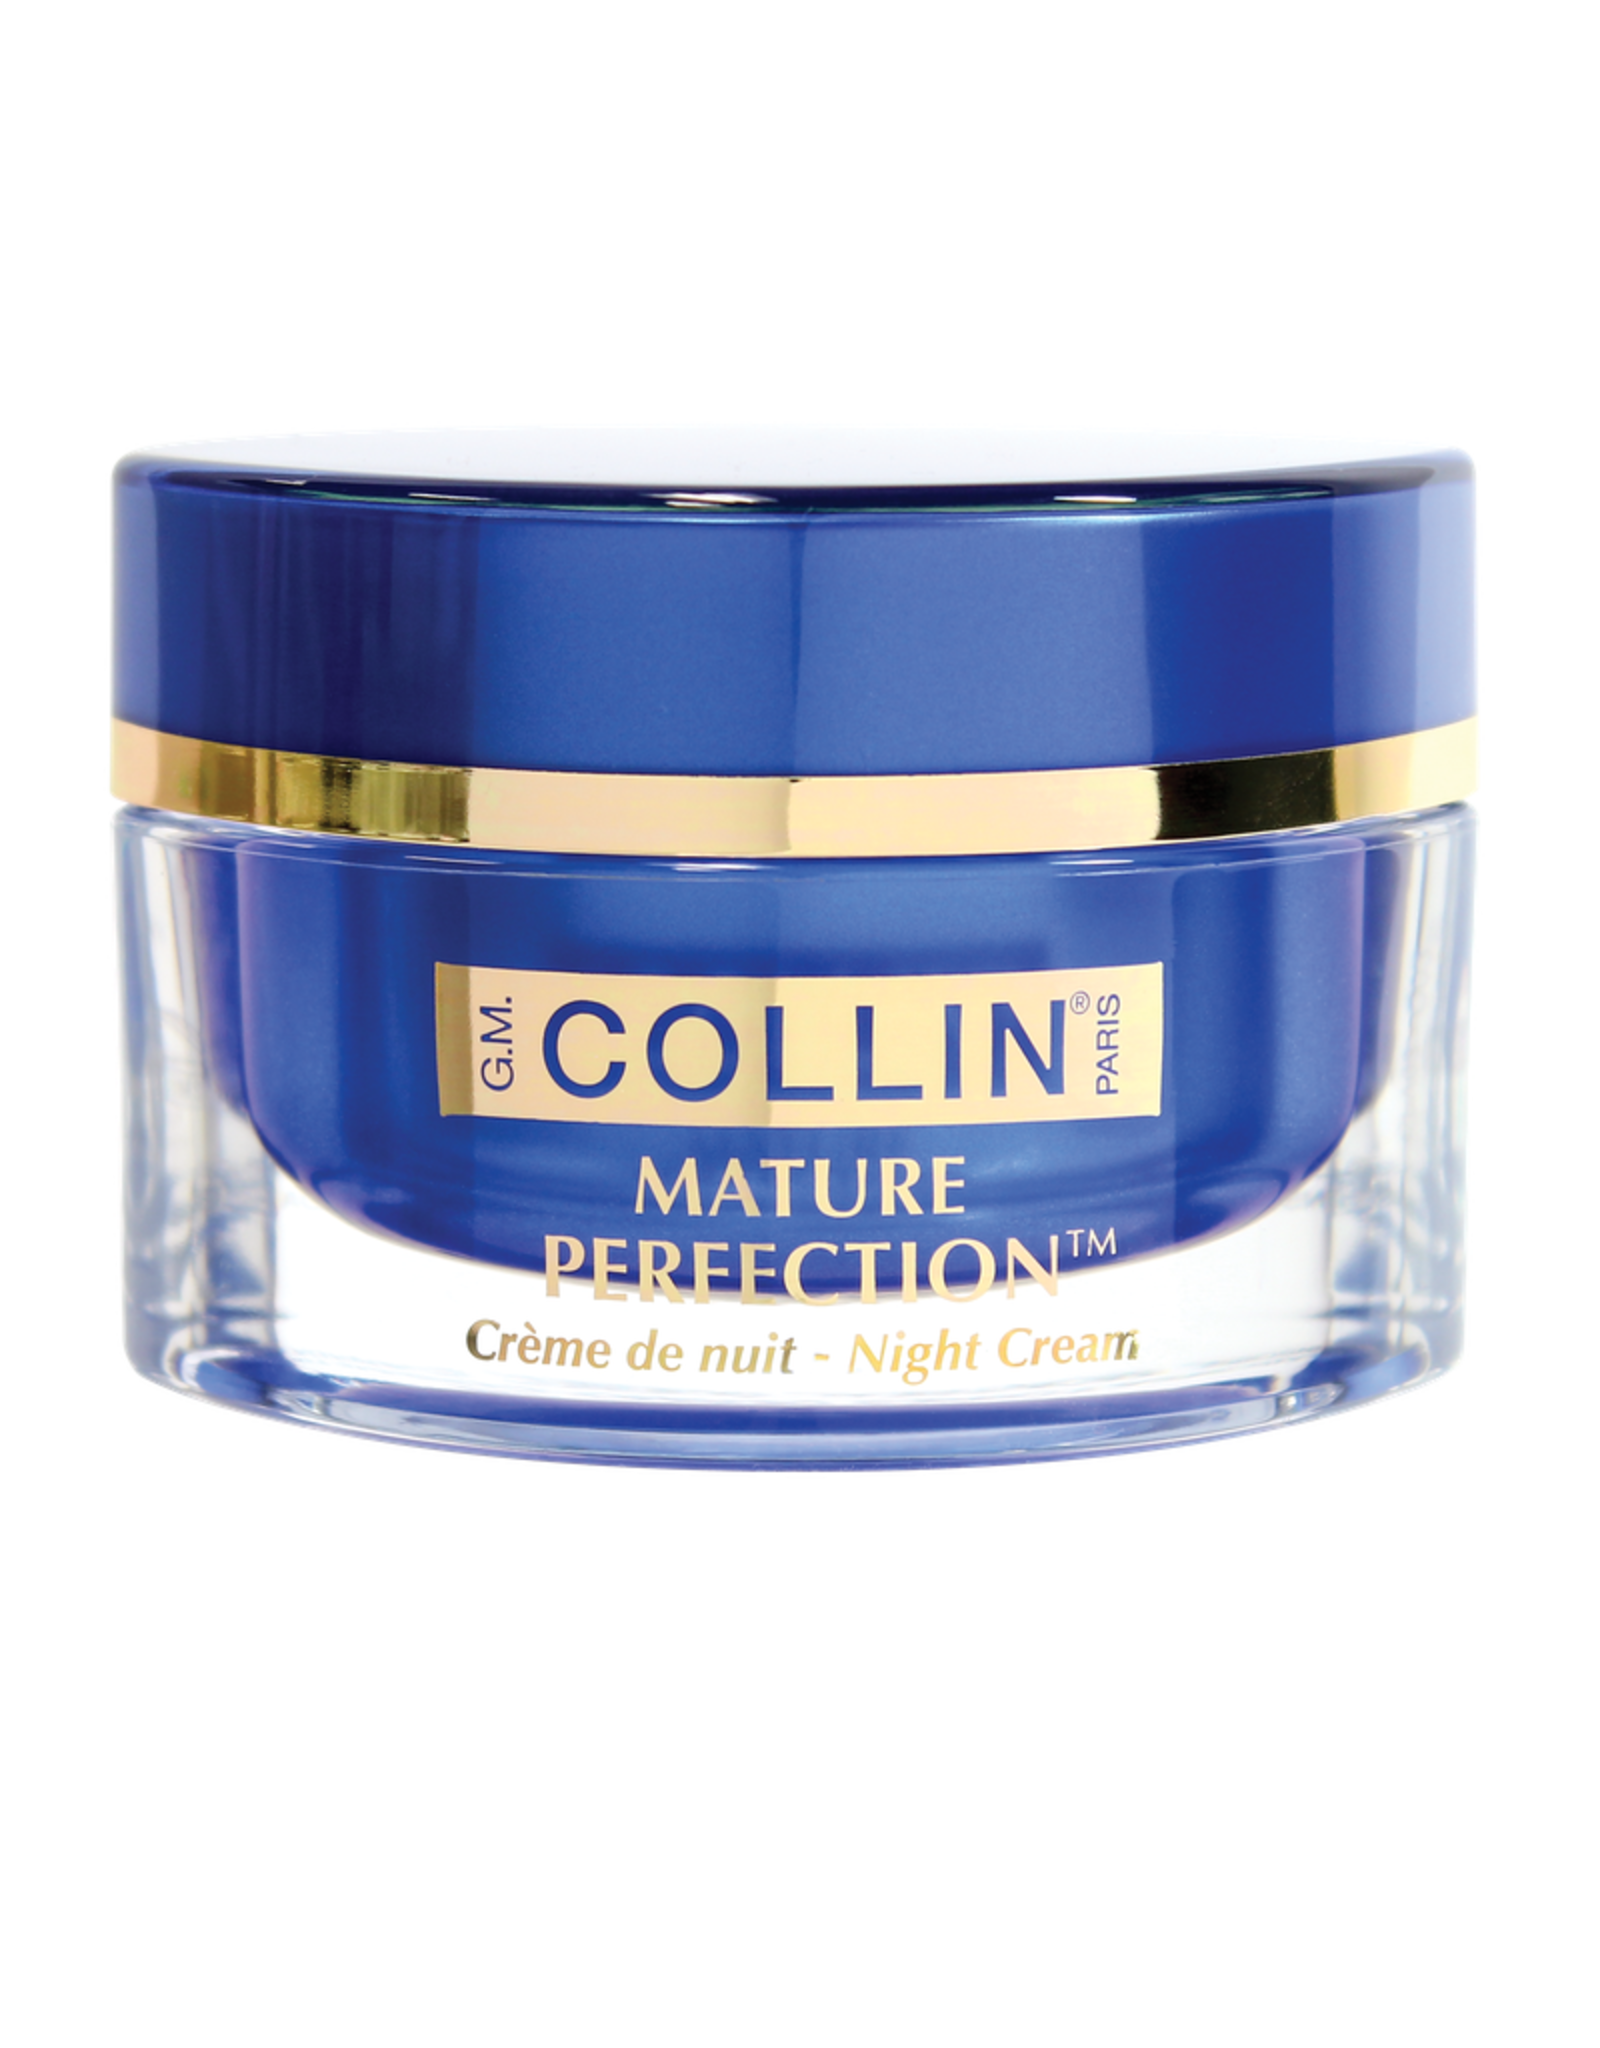 GM Collin G.M. Collin Mature Perfection Night Cream, 50ml